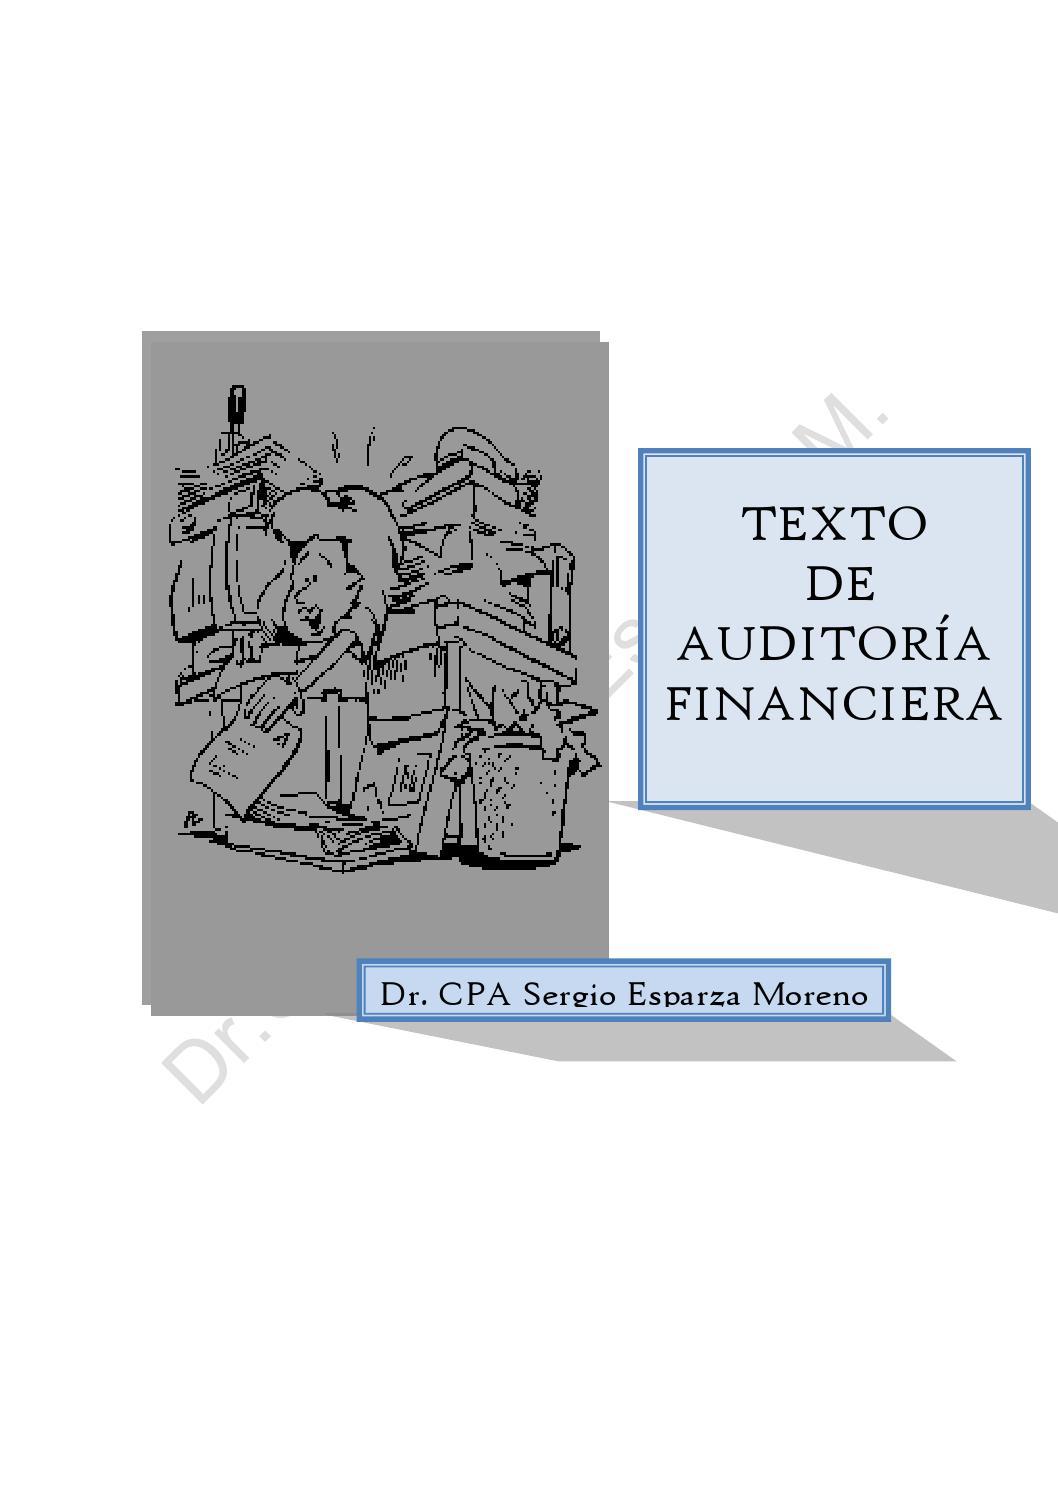 Auditoria Financiera By Wilson Velastegui Issuu